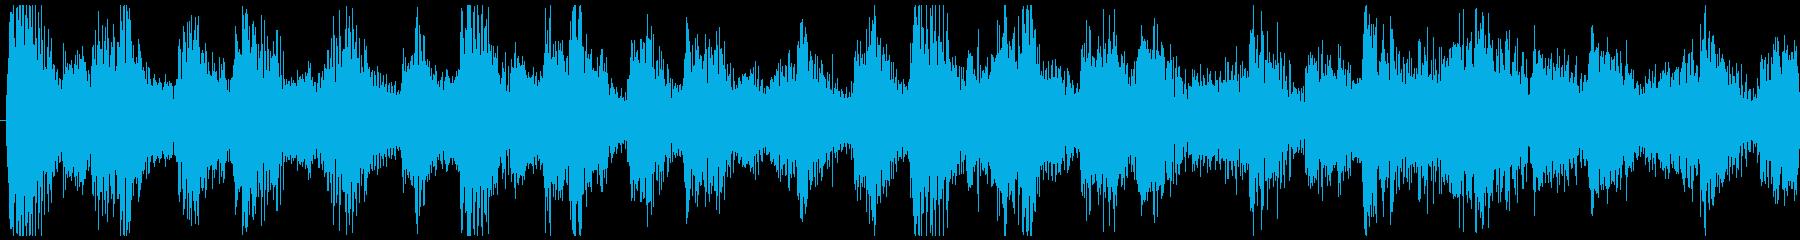 爽やかな朝に聞くBGM-ループ5の再生済みの波形